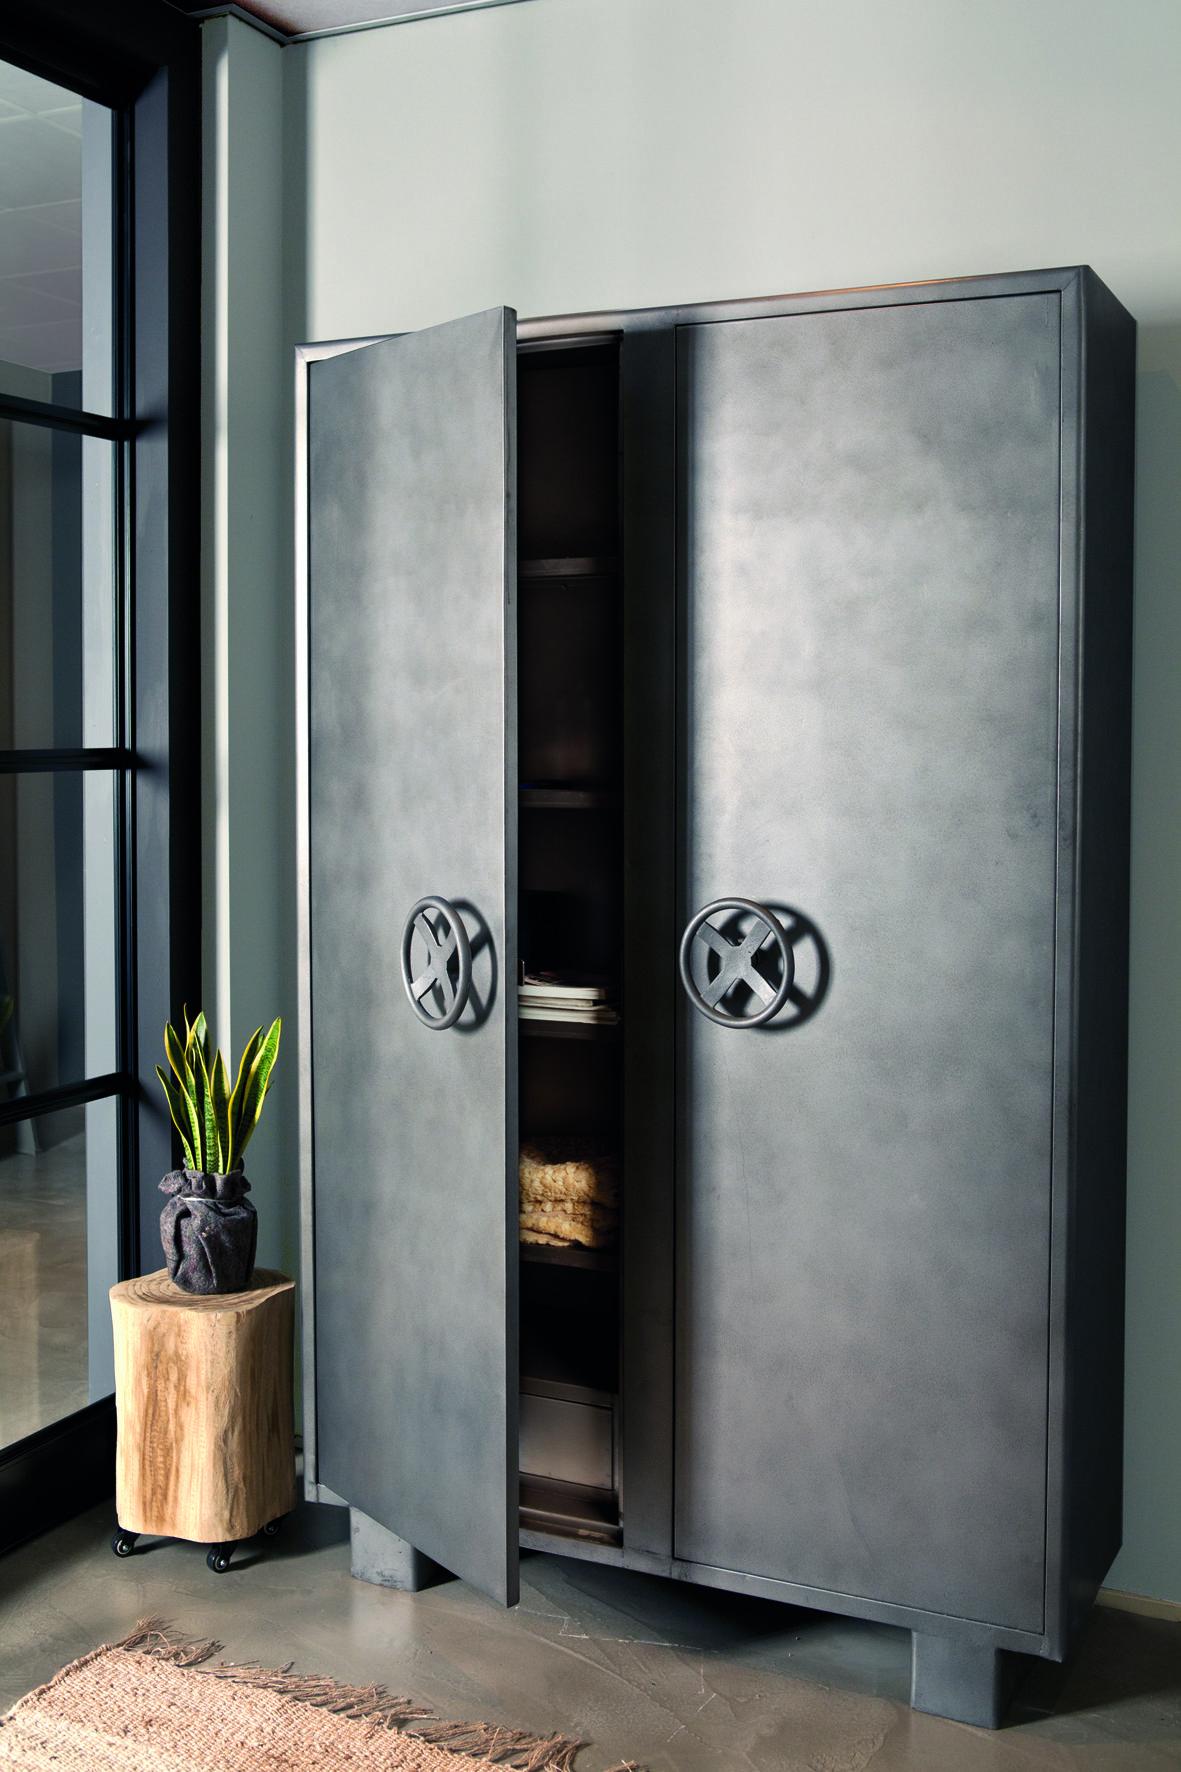 schrank tresor aus metall metallschrank m bel design schrank m bel und schrank regale. Black Bedroom Furniture Sets. Home Design Ideas